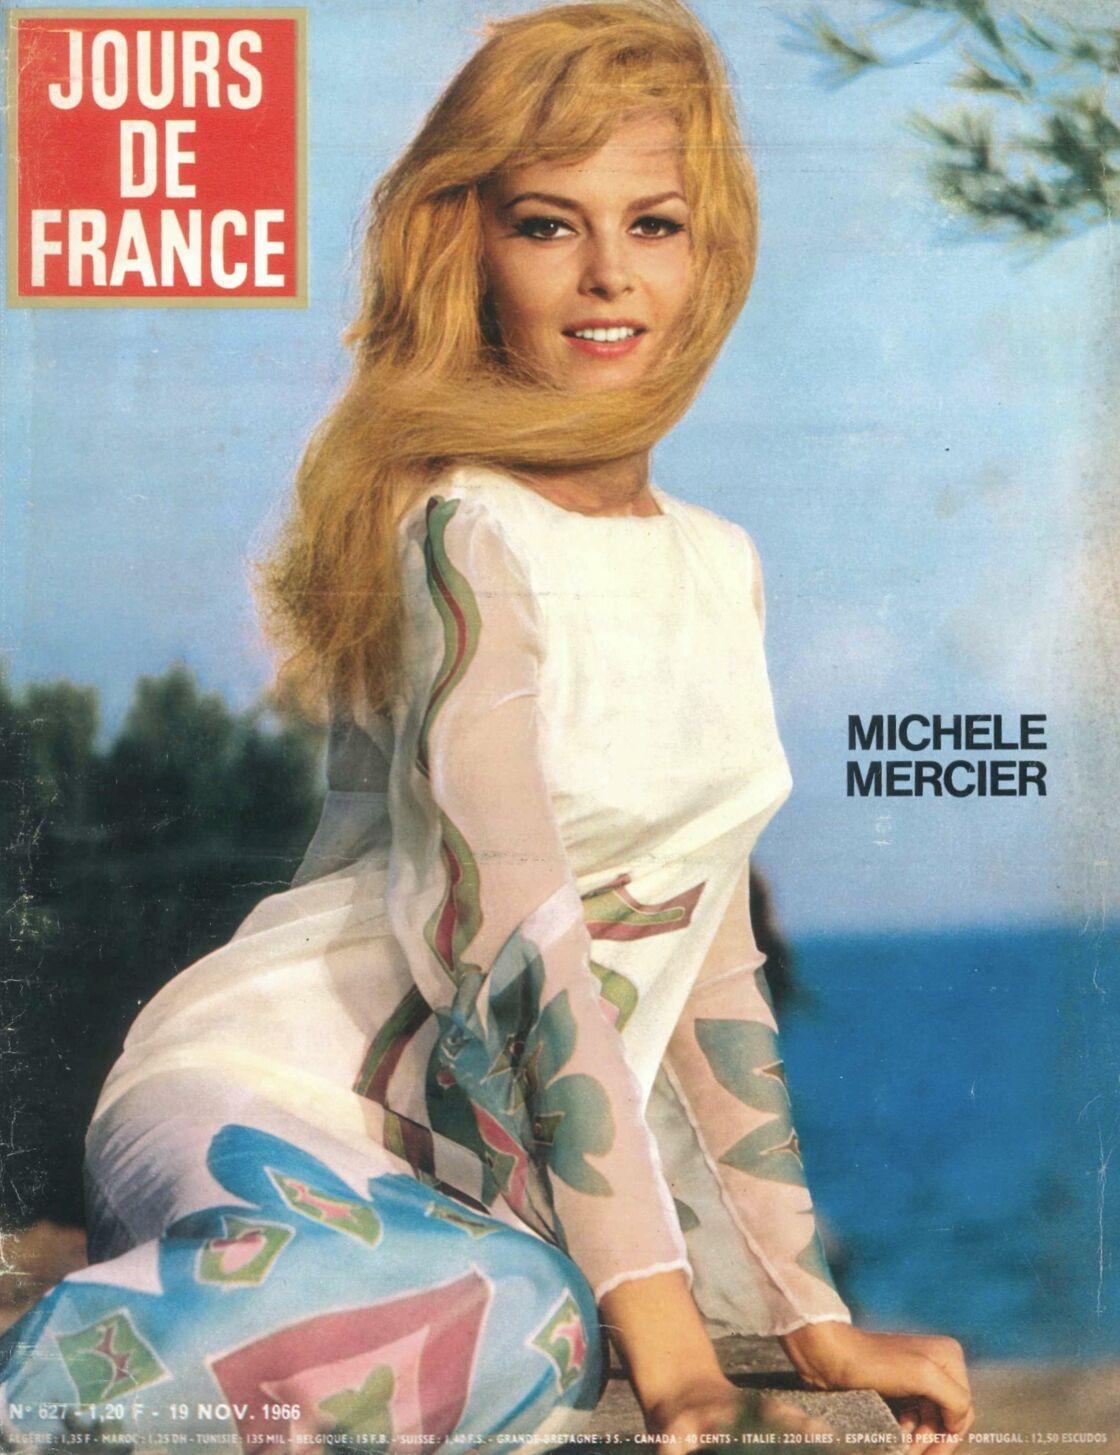 Sa première création, une robe peinte a tout de suite été adoptée par Michèle Mercier et Brigitte Bardot.